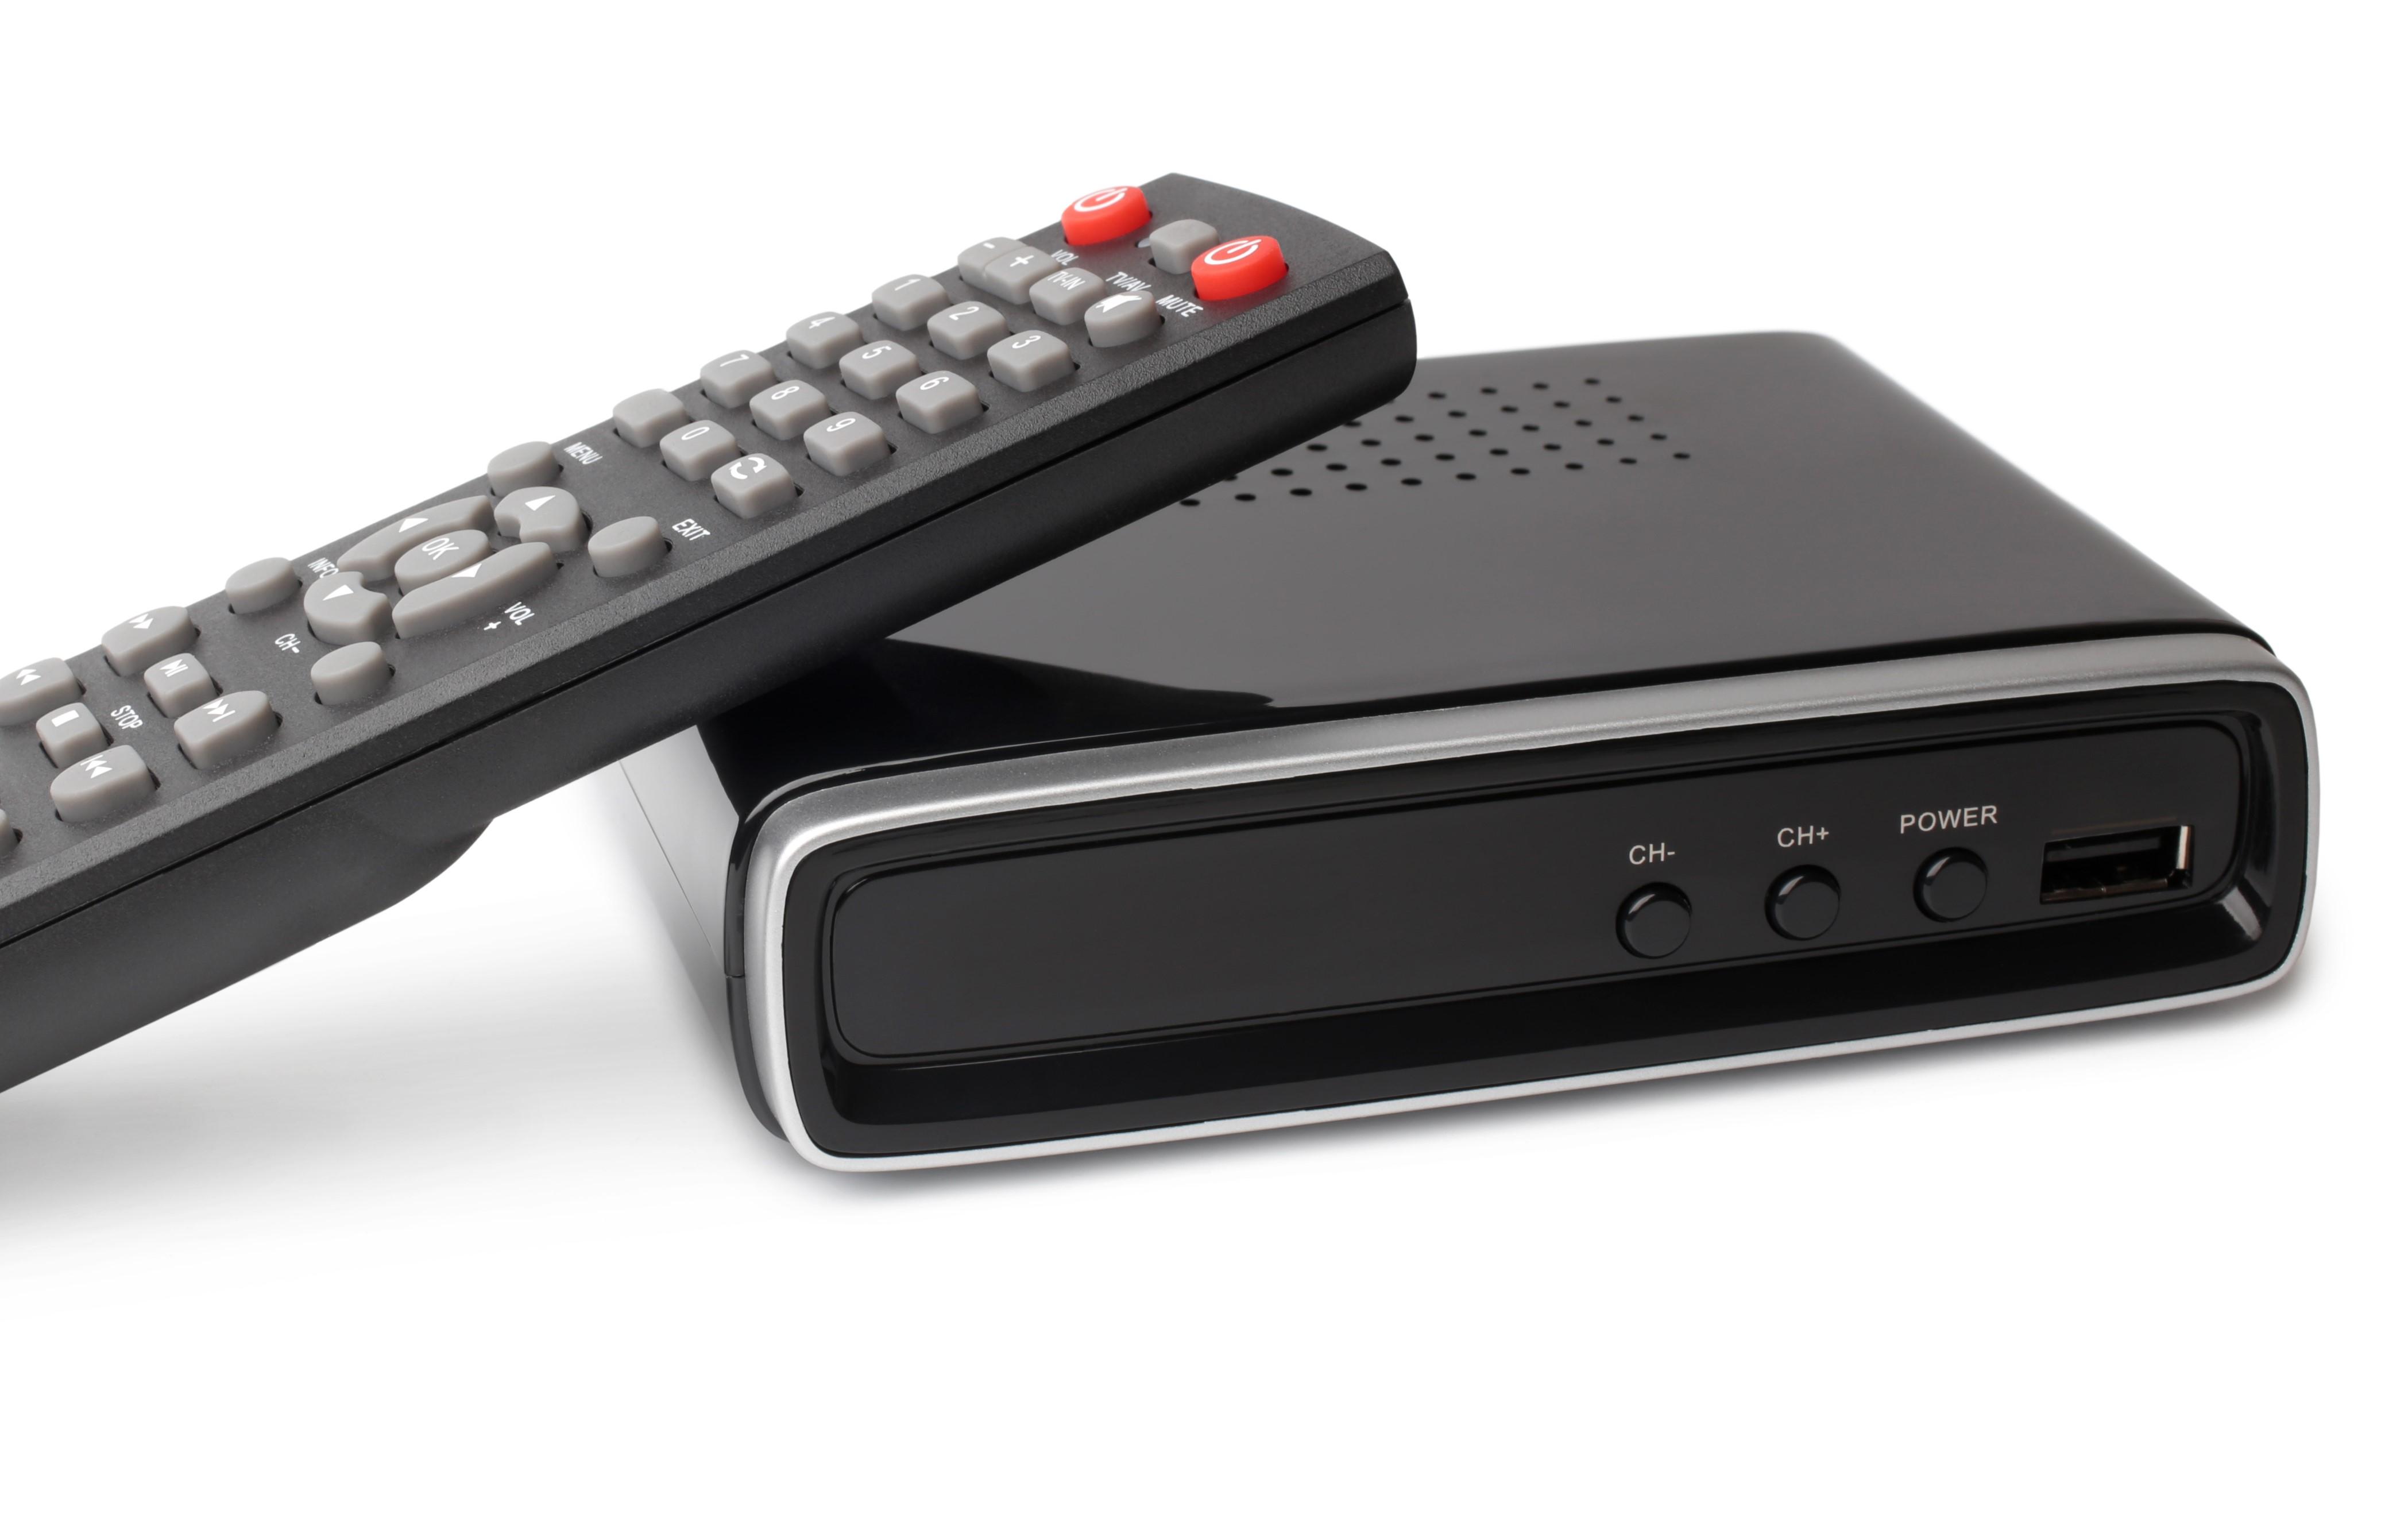 Miglior decoder TV 2020: Guida all'acquisto